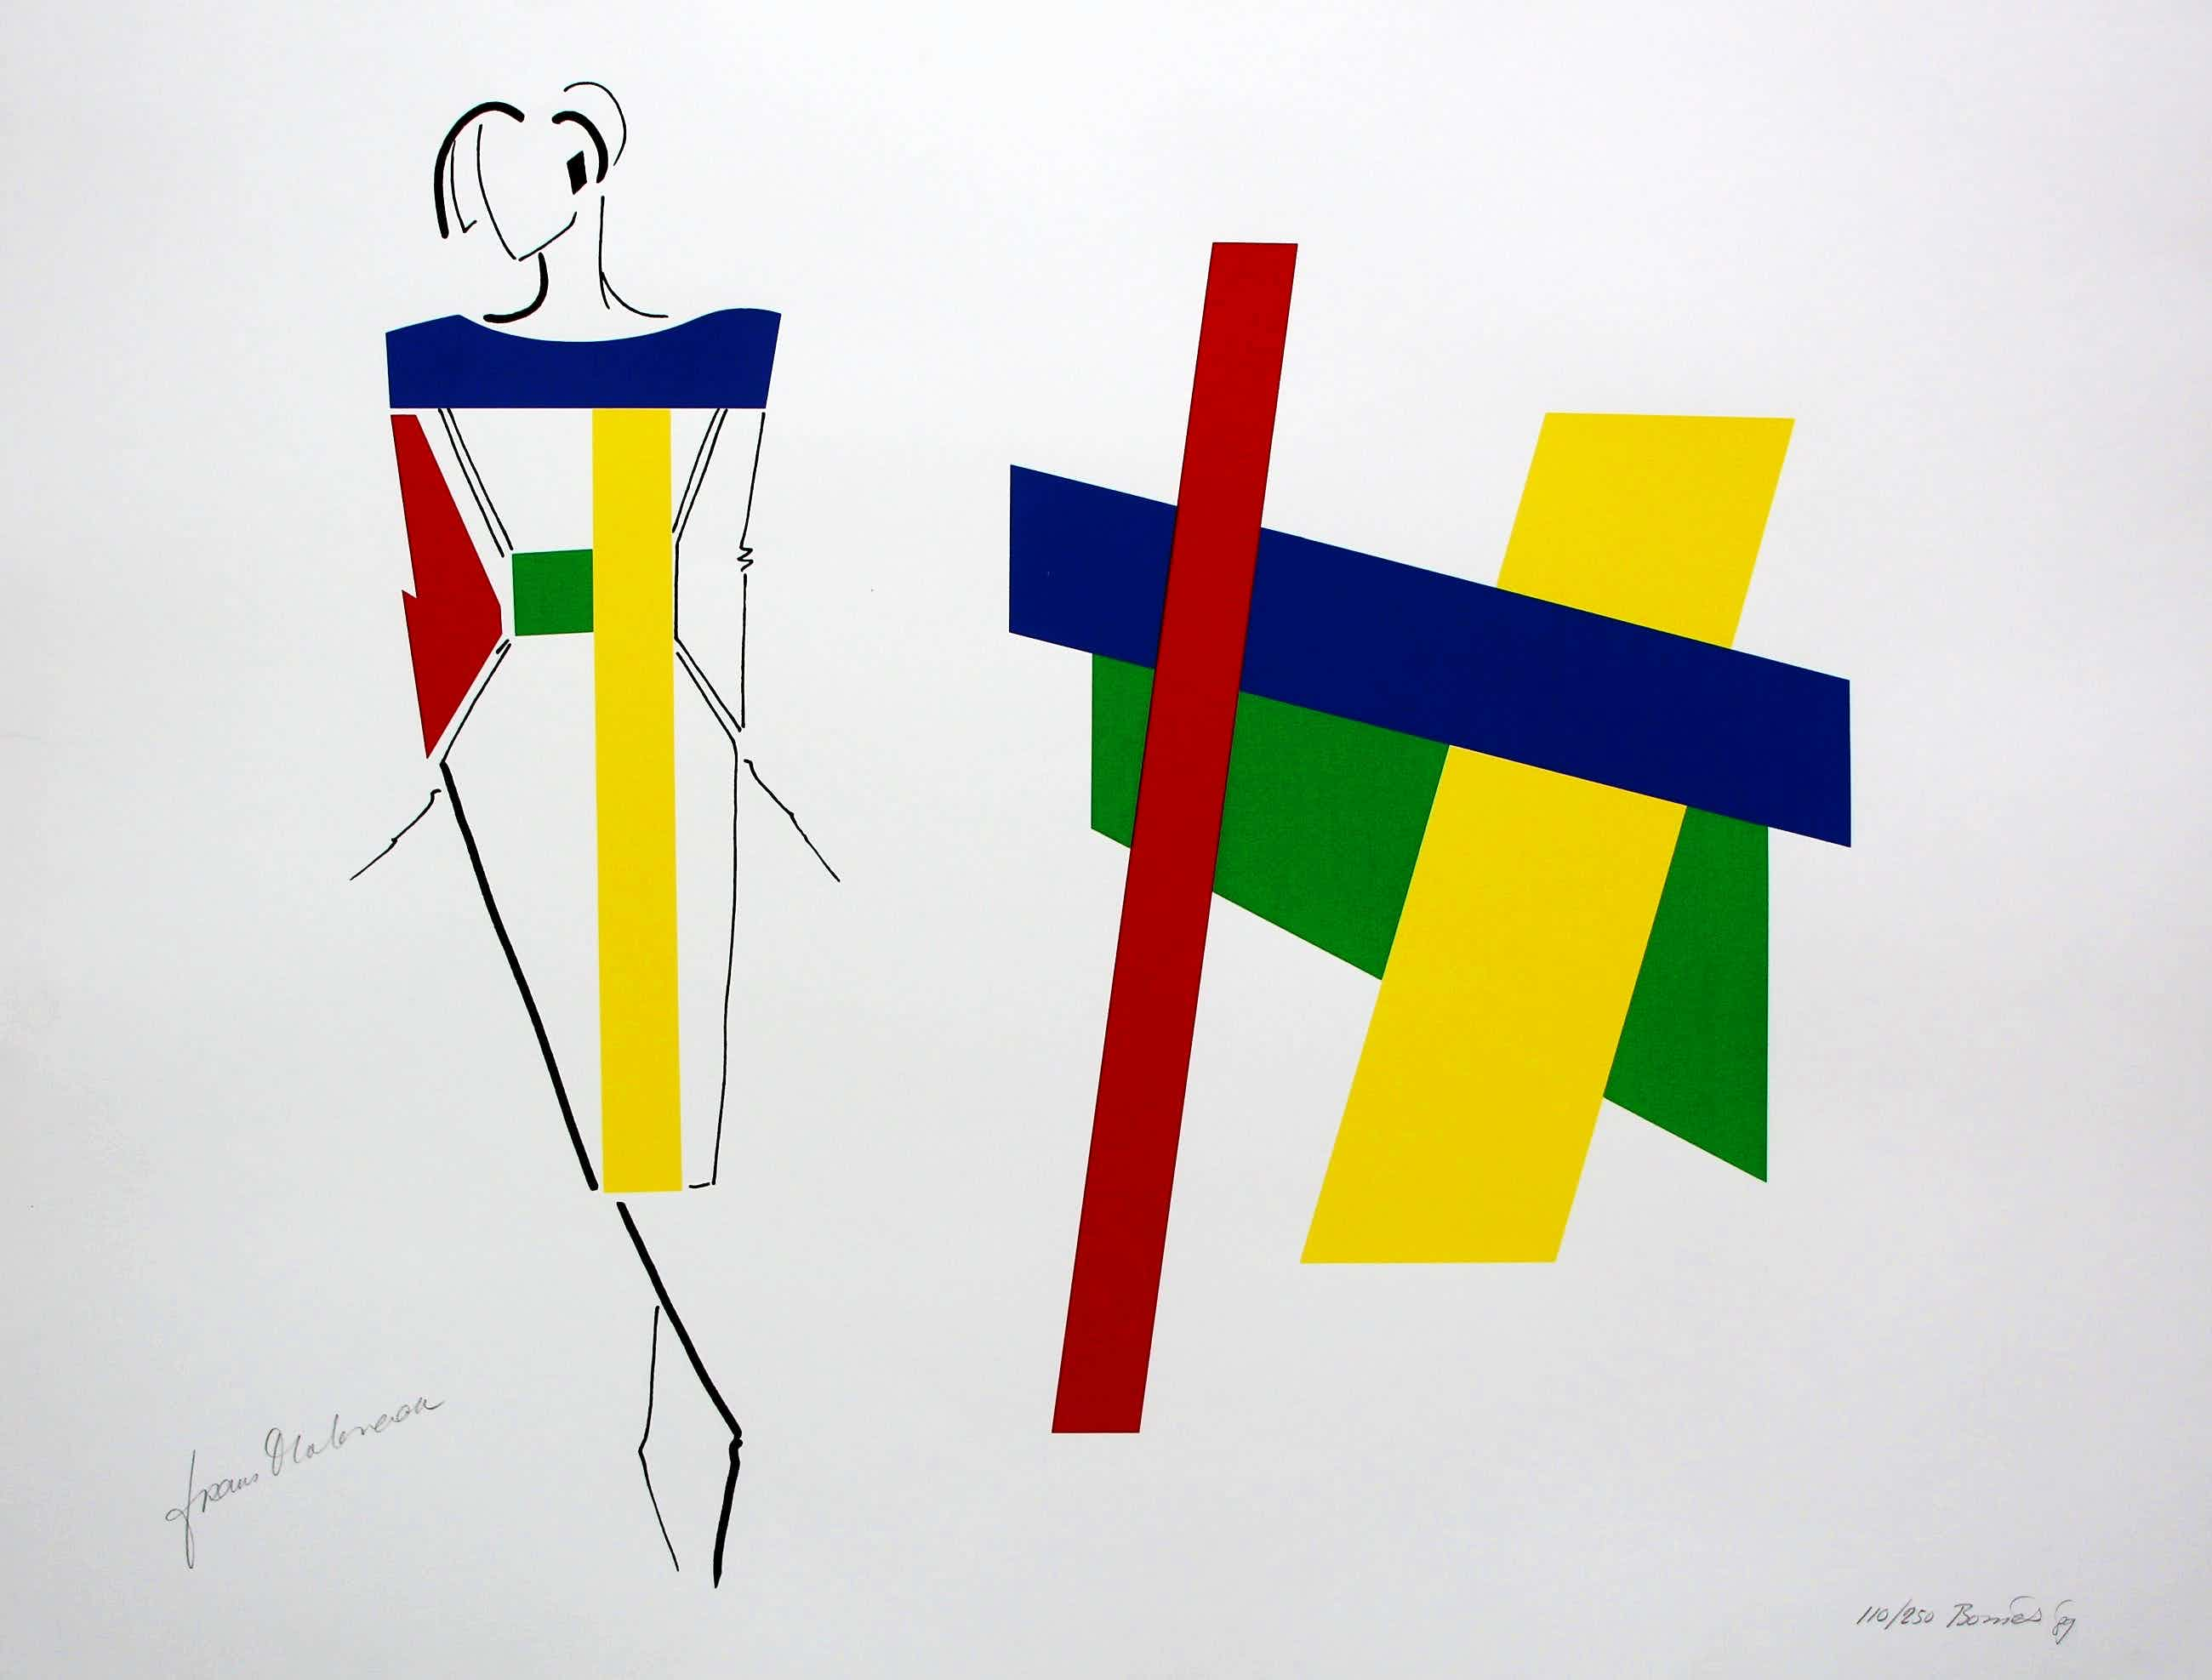 Bob Bonies - Zeefdruk in samenwerking met Frans Molenaar - 1989 kopen? Bied vanaf 100!